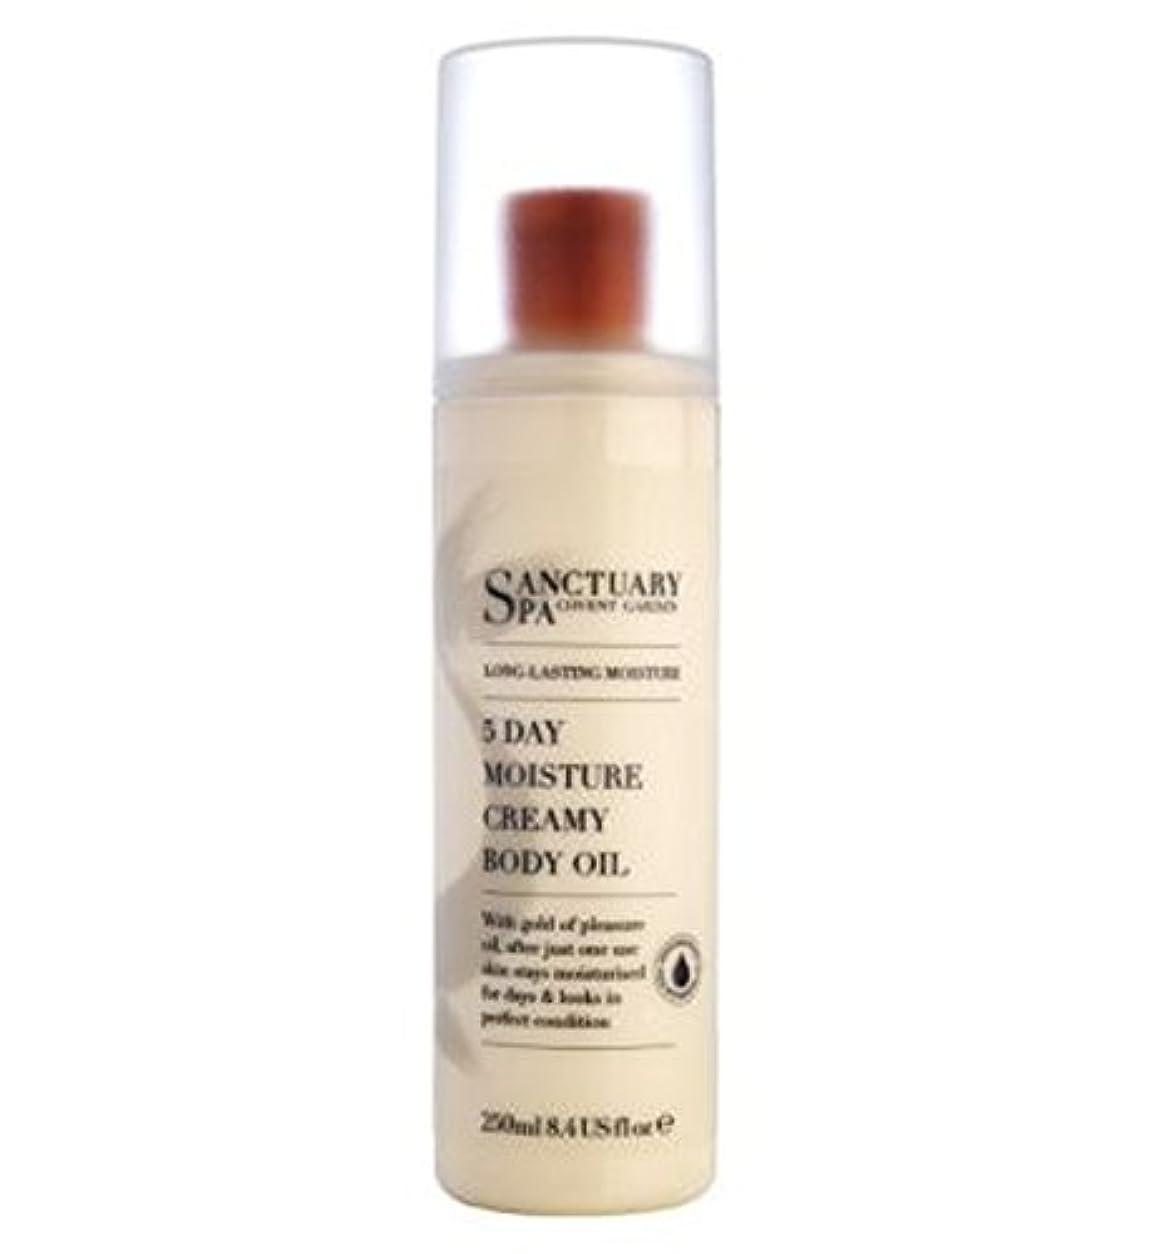 ビリーインストラクターお手入れ聖域長期的な水分5日間の水分クリーミーボディオイル250ミリリットル (Sanctuary) (x2) - Sanctuary Long Lasting Moisture 5 Day Moisture Creamy Body...